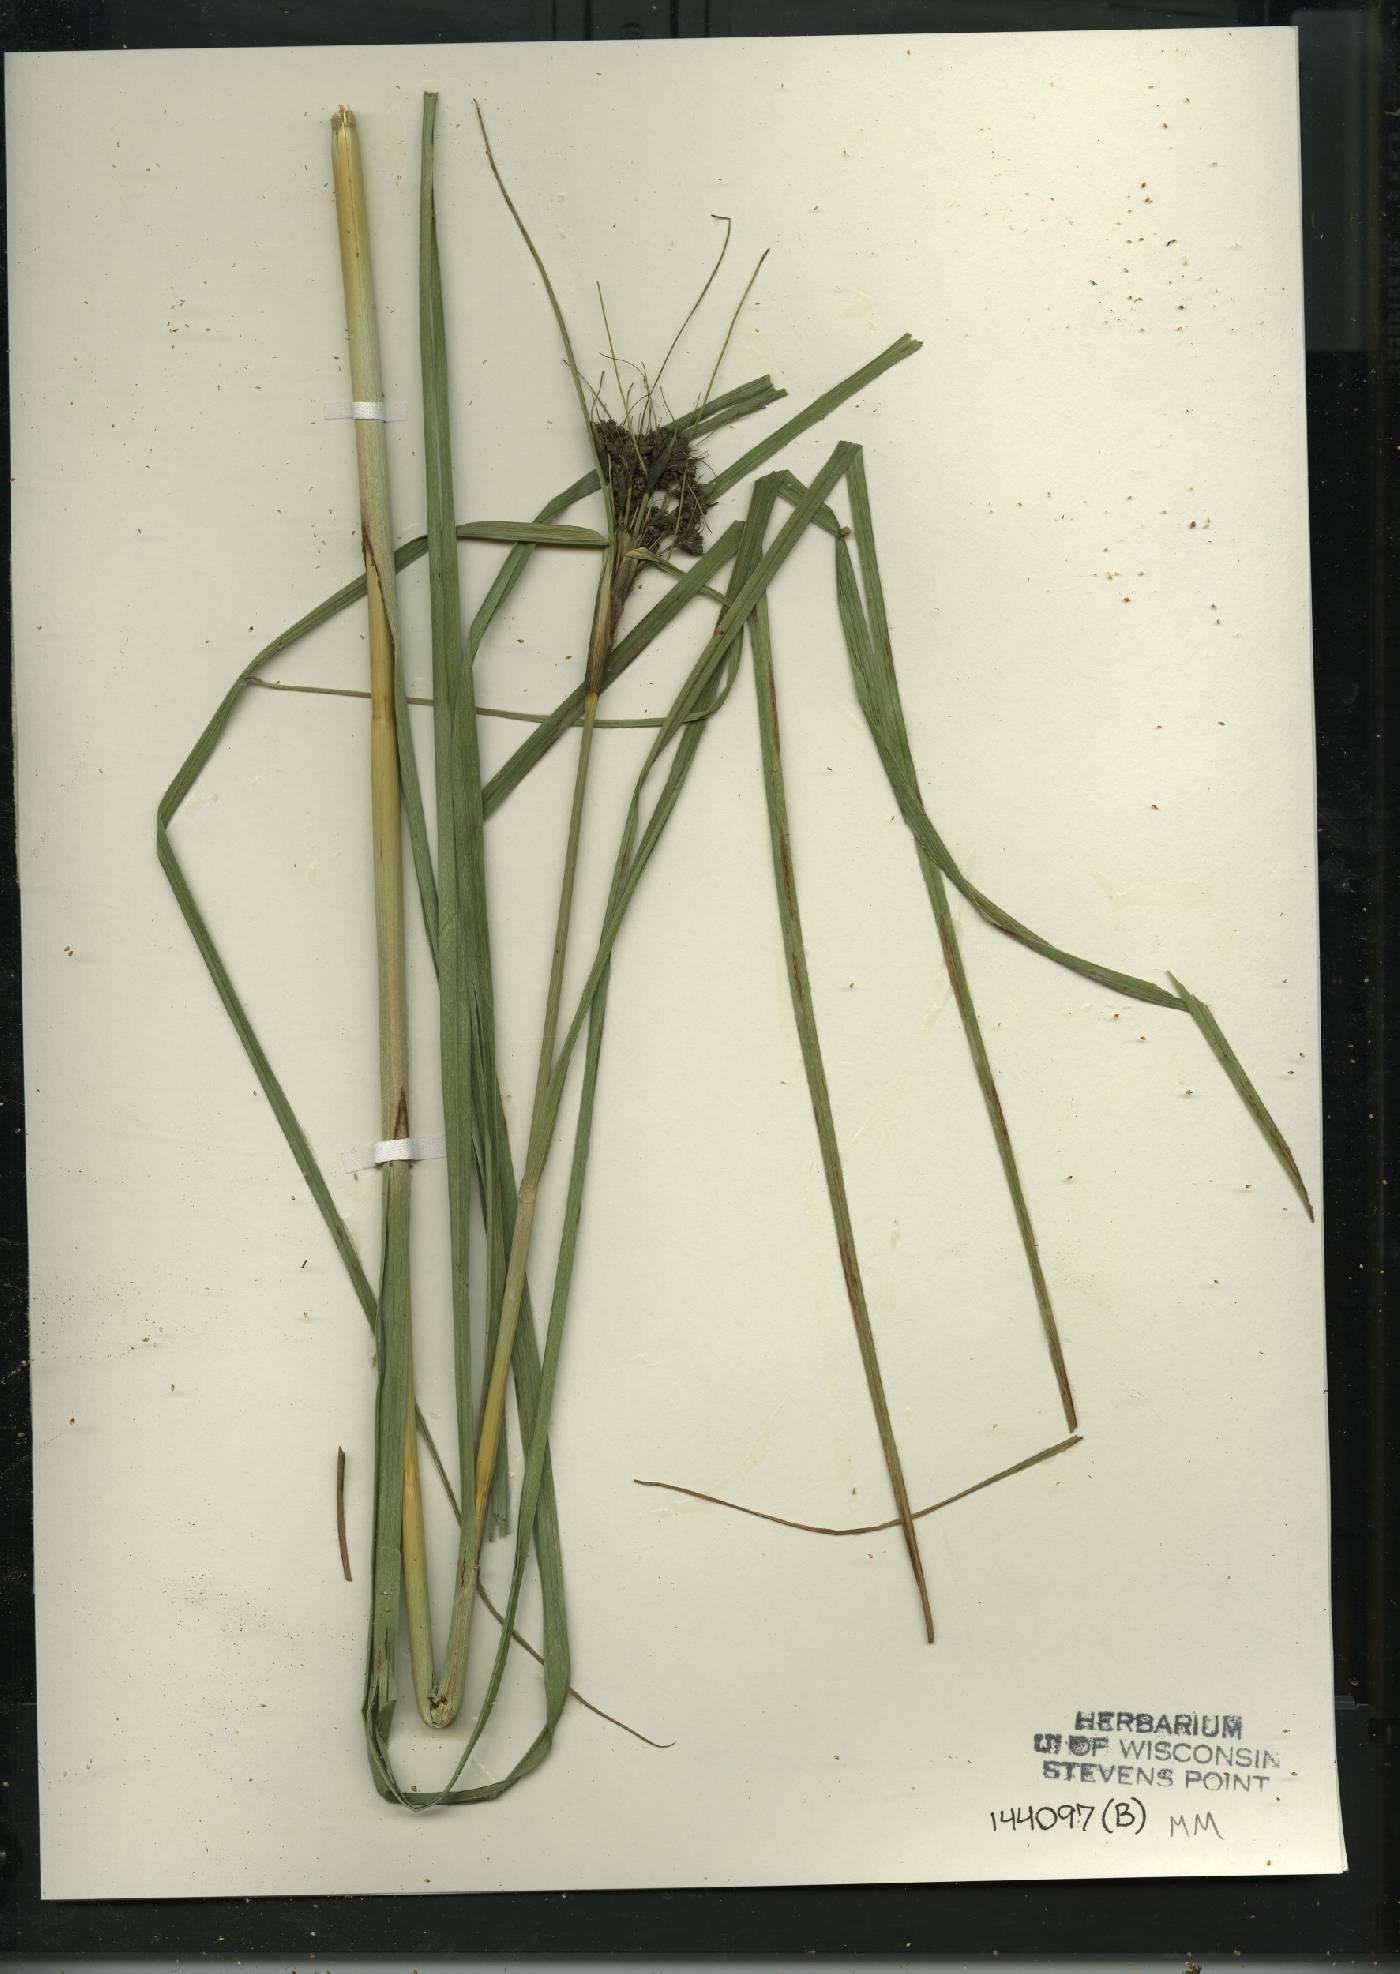 Scirpus cyperinus image